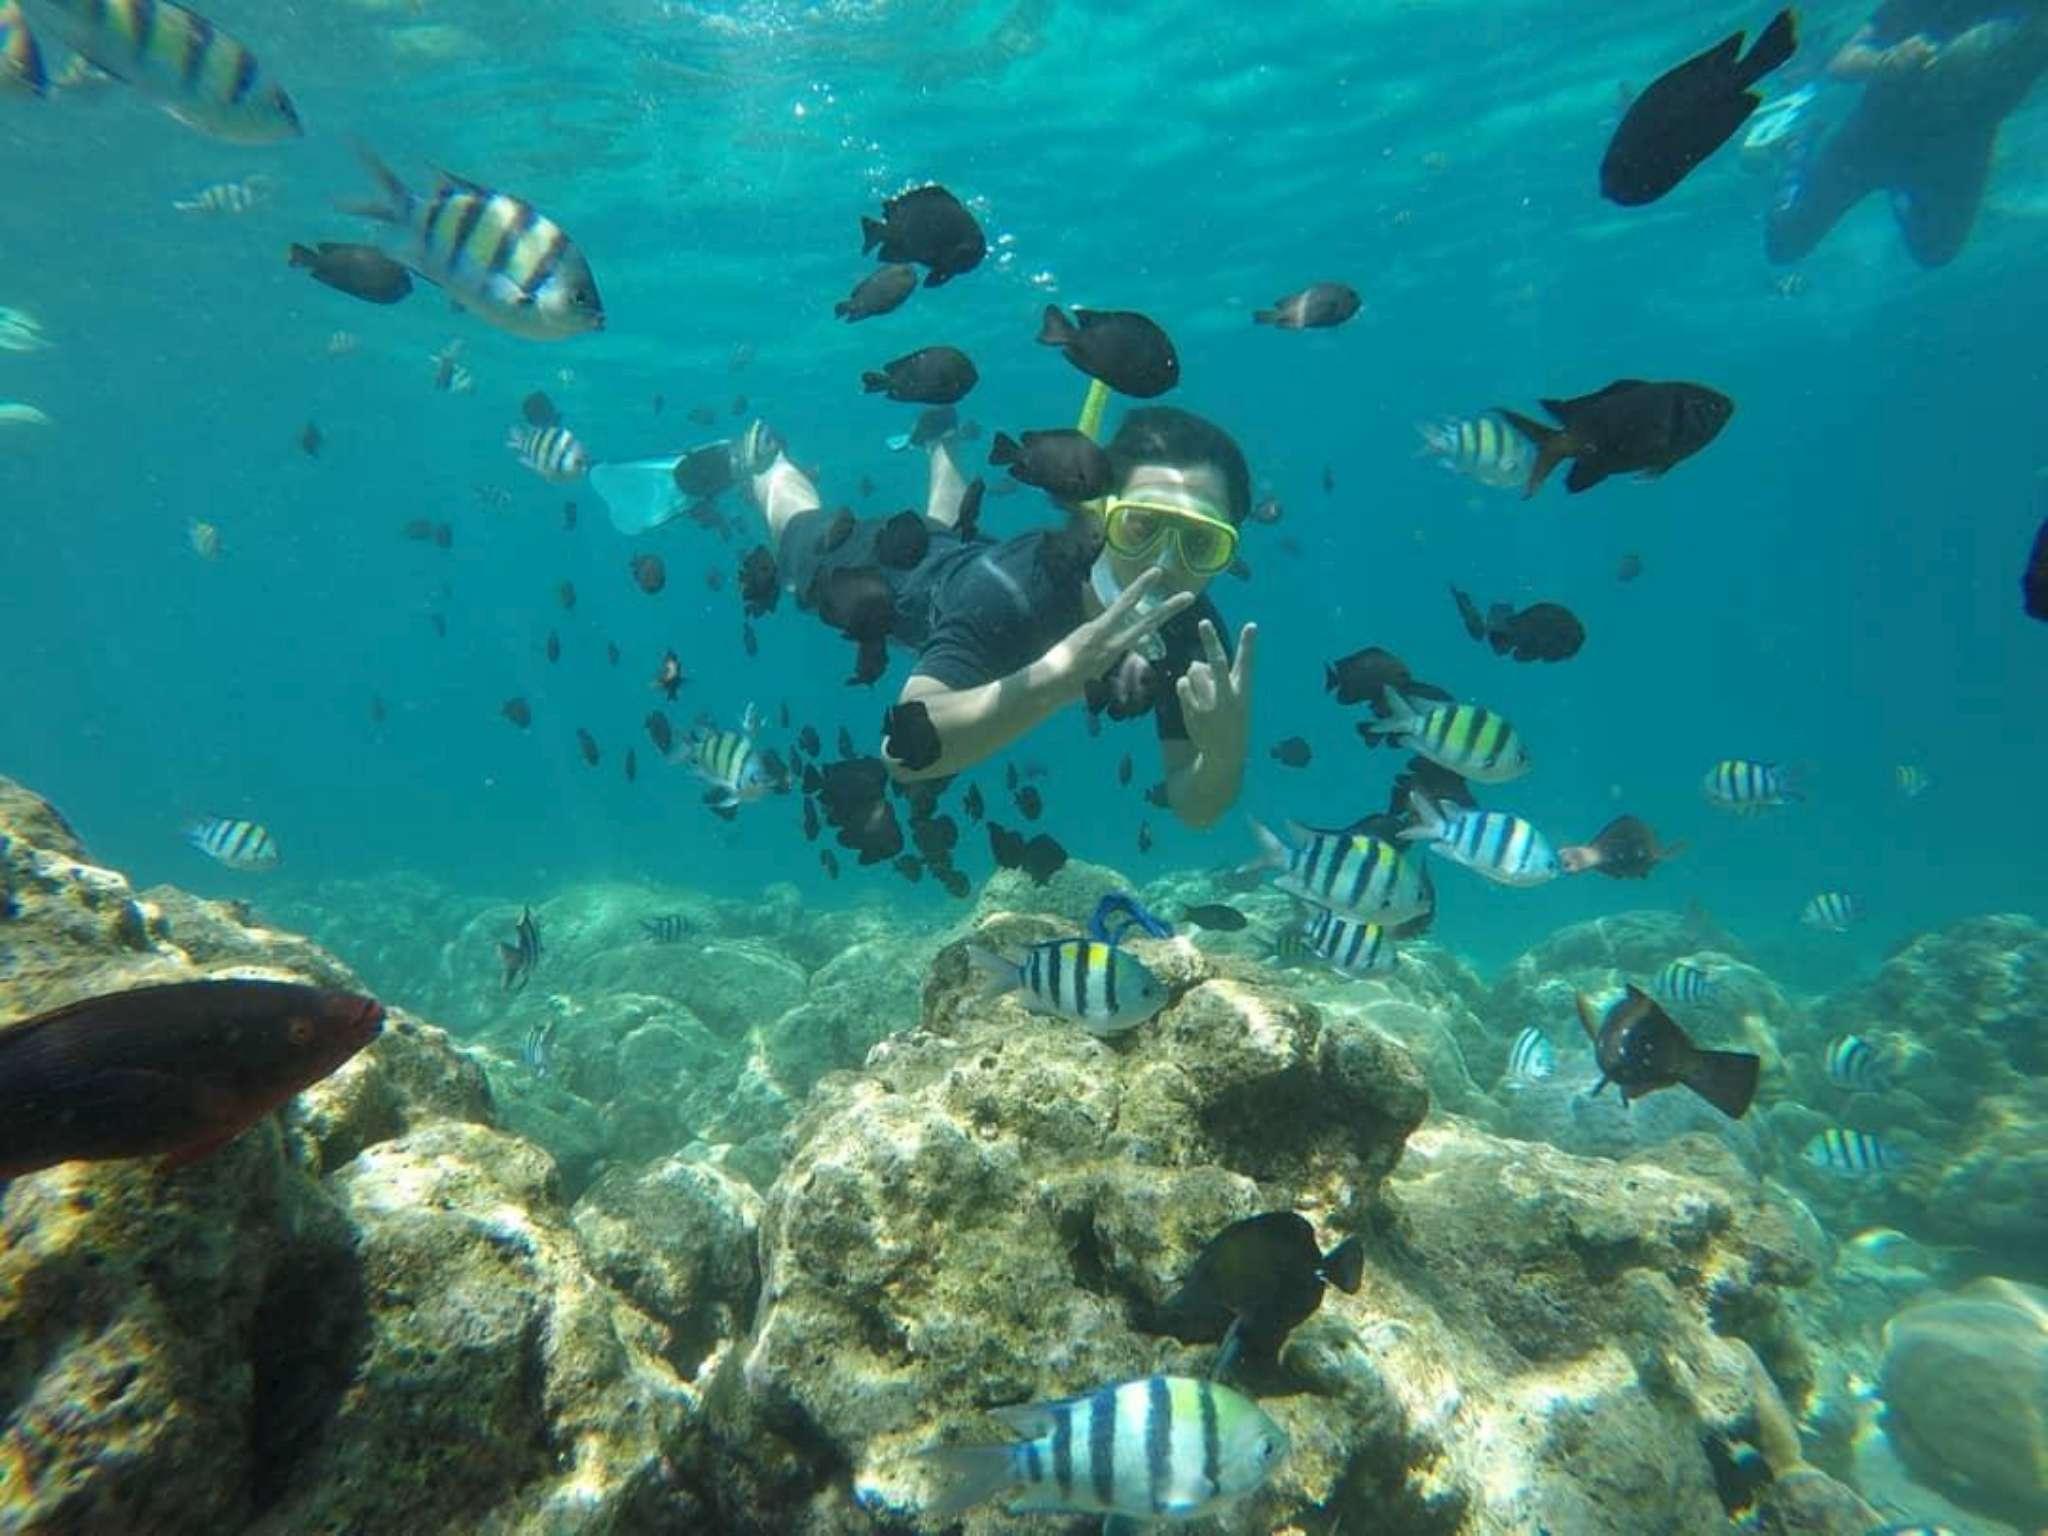 Pantai Iboih Wisata Sabang View Rubiah Island